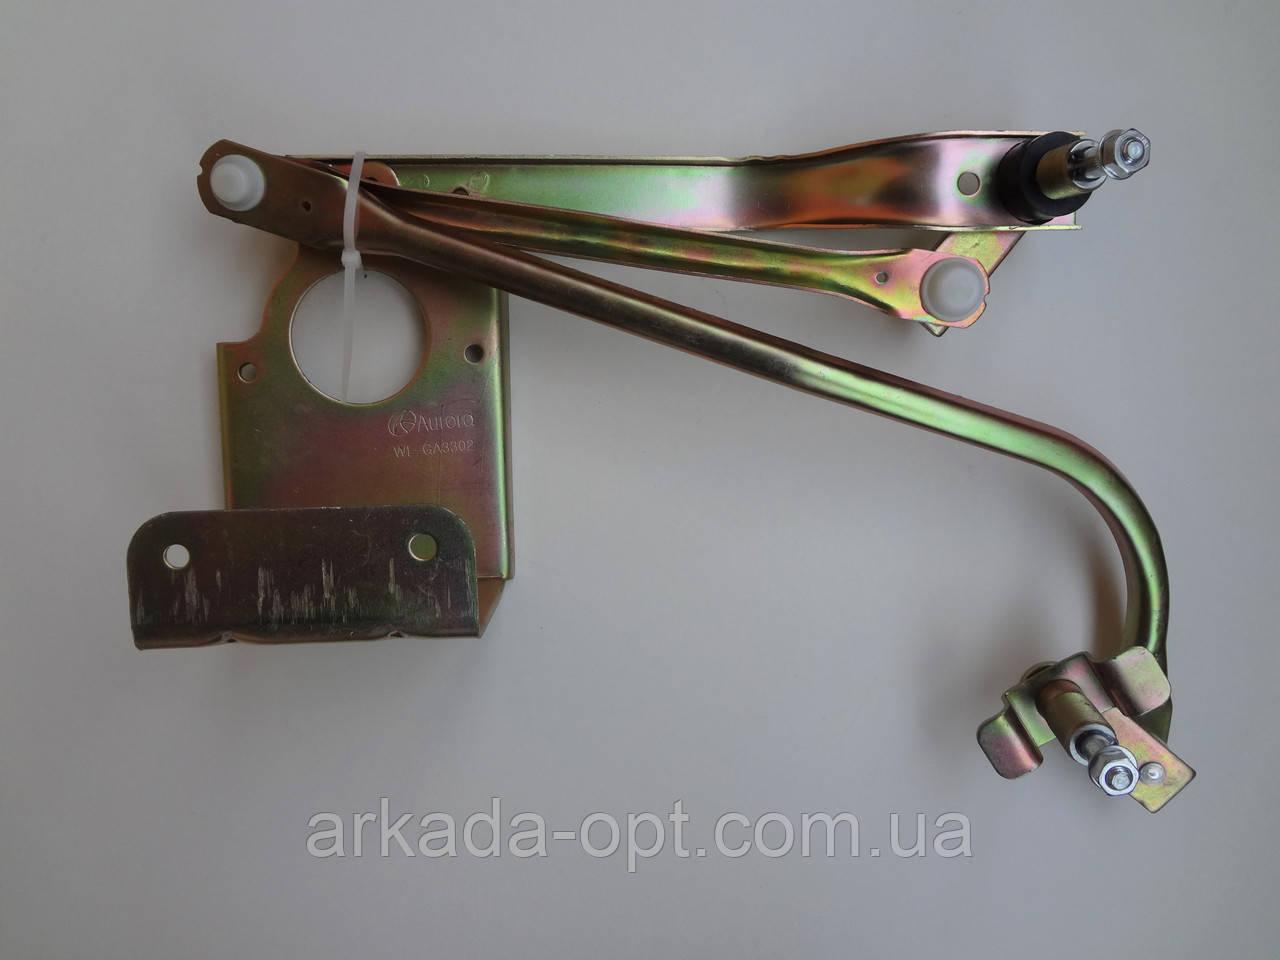 Трапеция привода стеклоочистителя ГАЗ 3302 Aurora